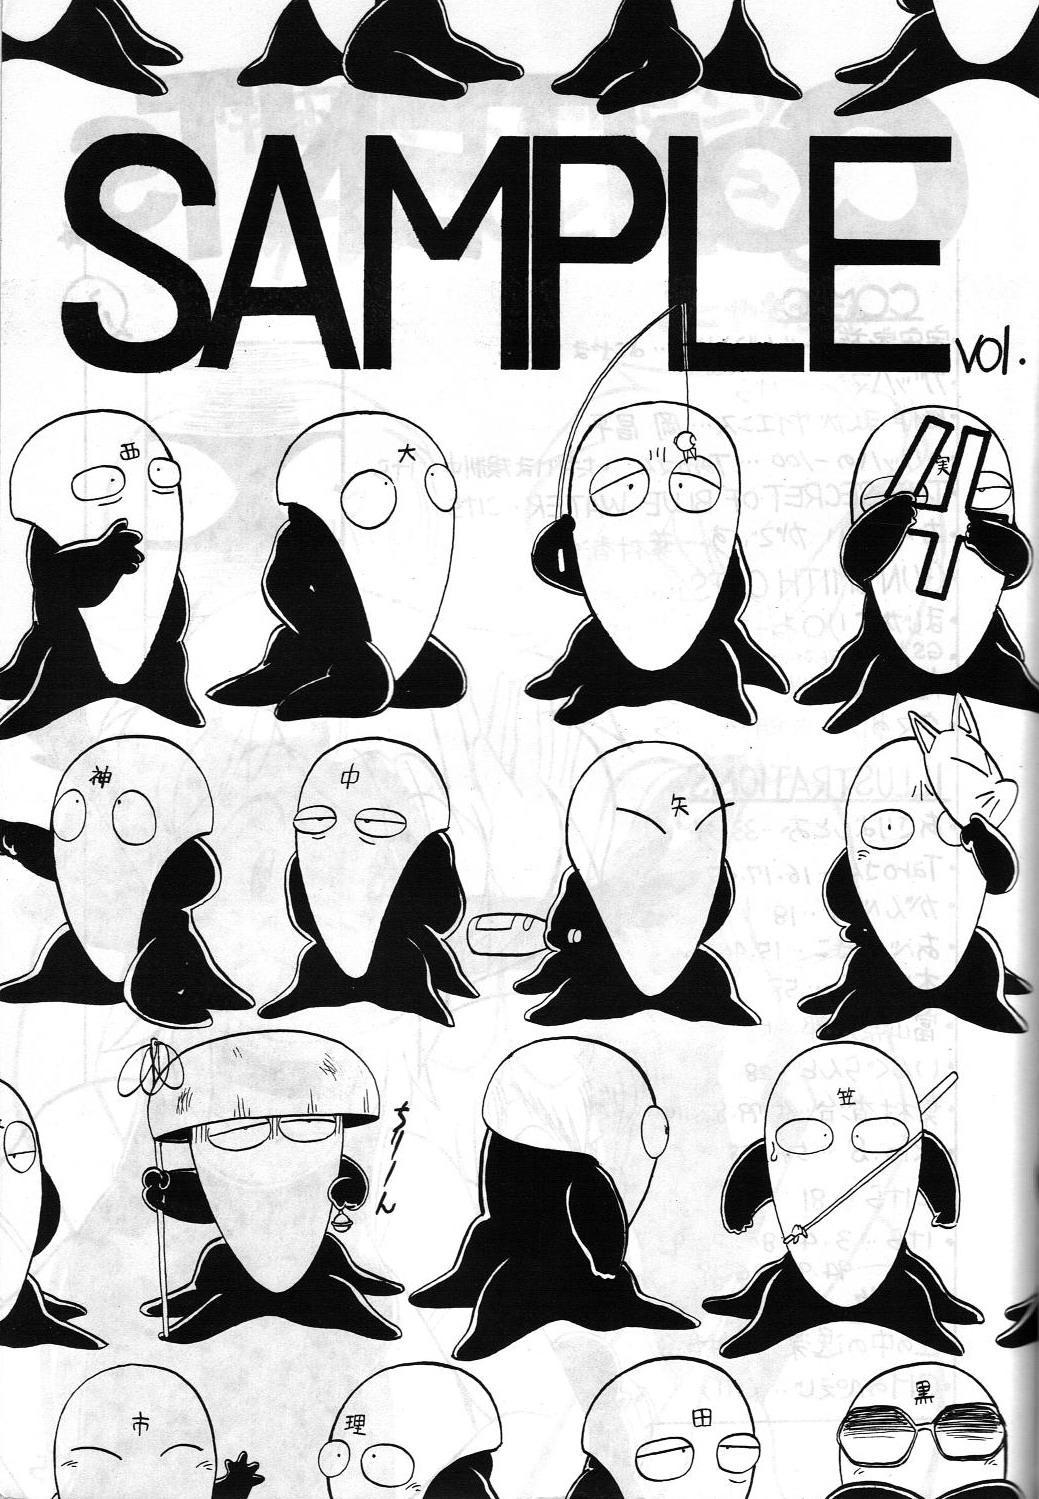 SAMPLE Vol. 4 1